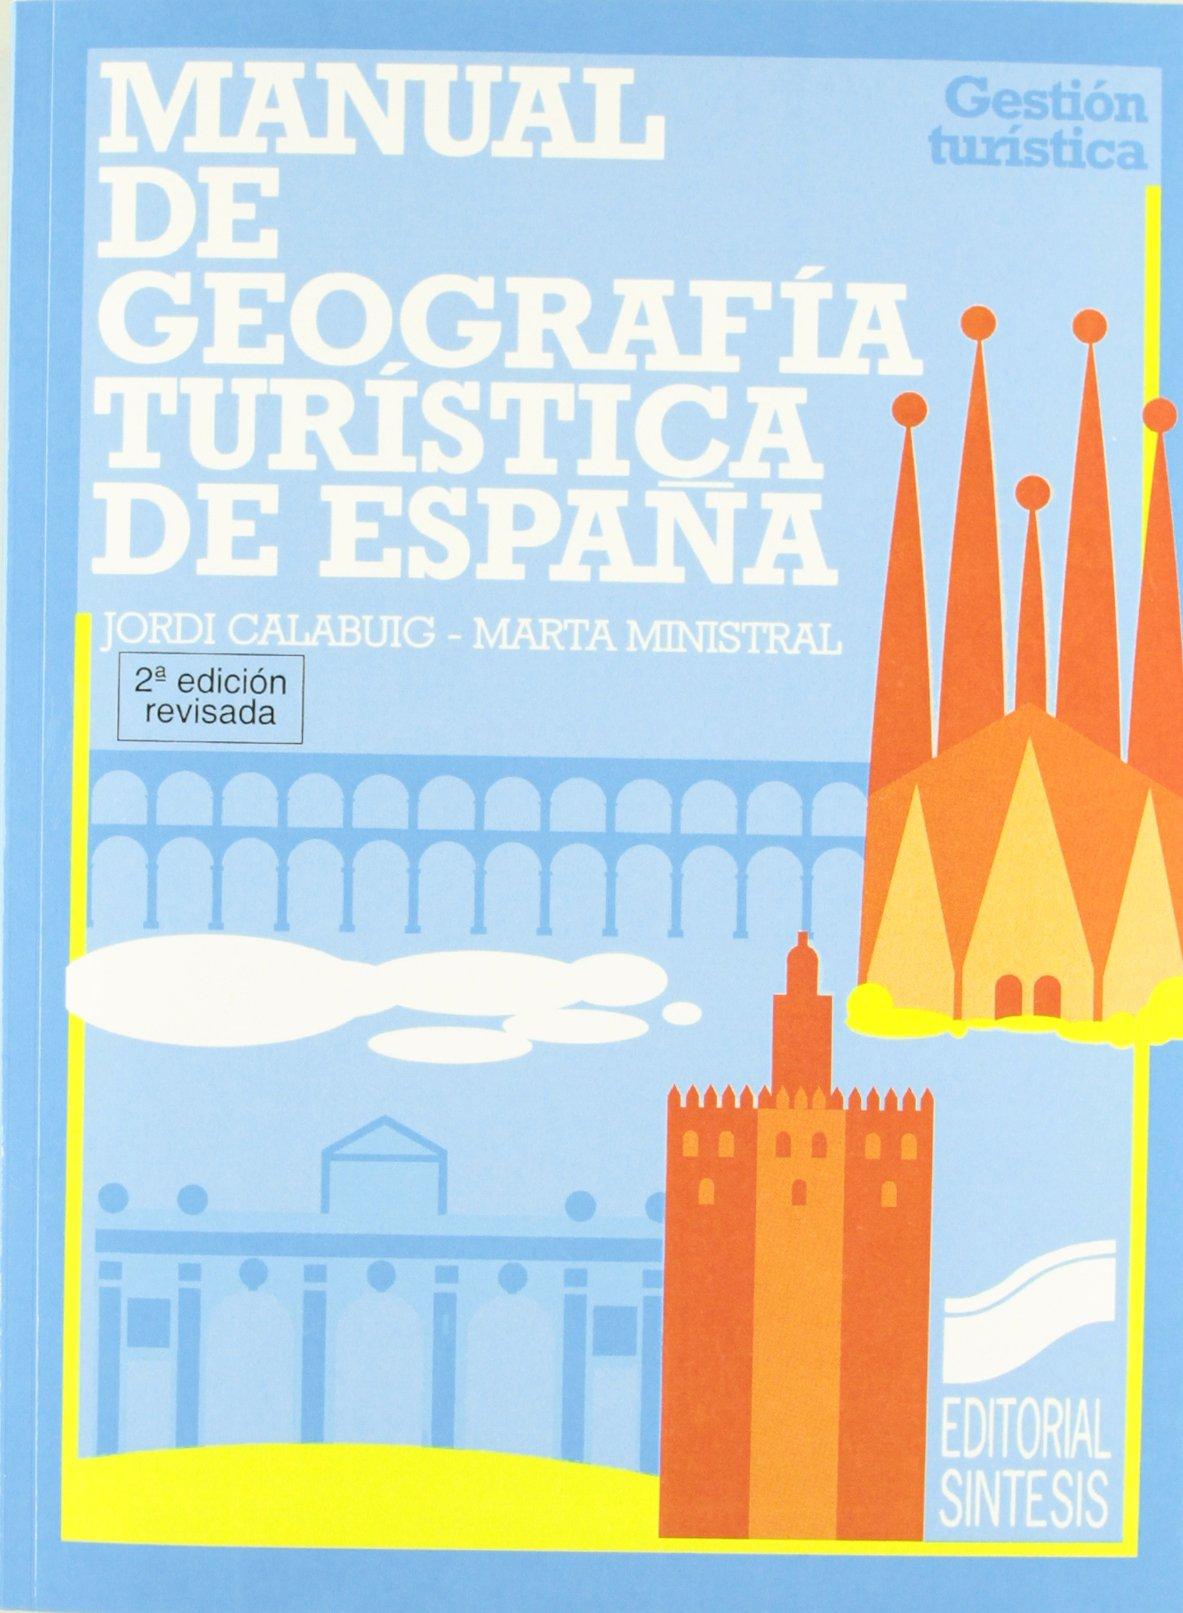 Manual de geografía turística de España: 18 Gestión turística: Amazon.es: Calabuig i Tomas, Jordi, Ministral Masgrau, Marta: Libros